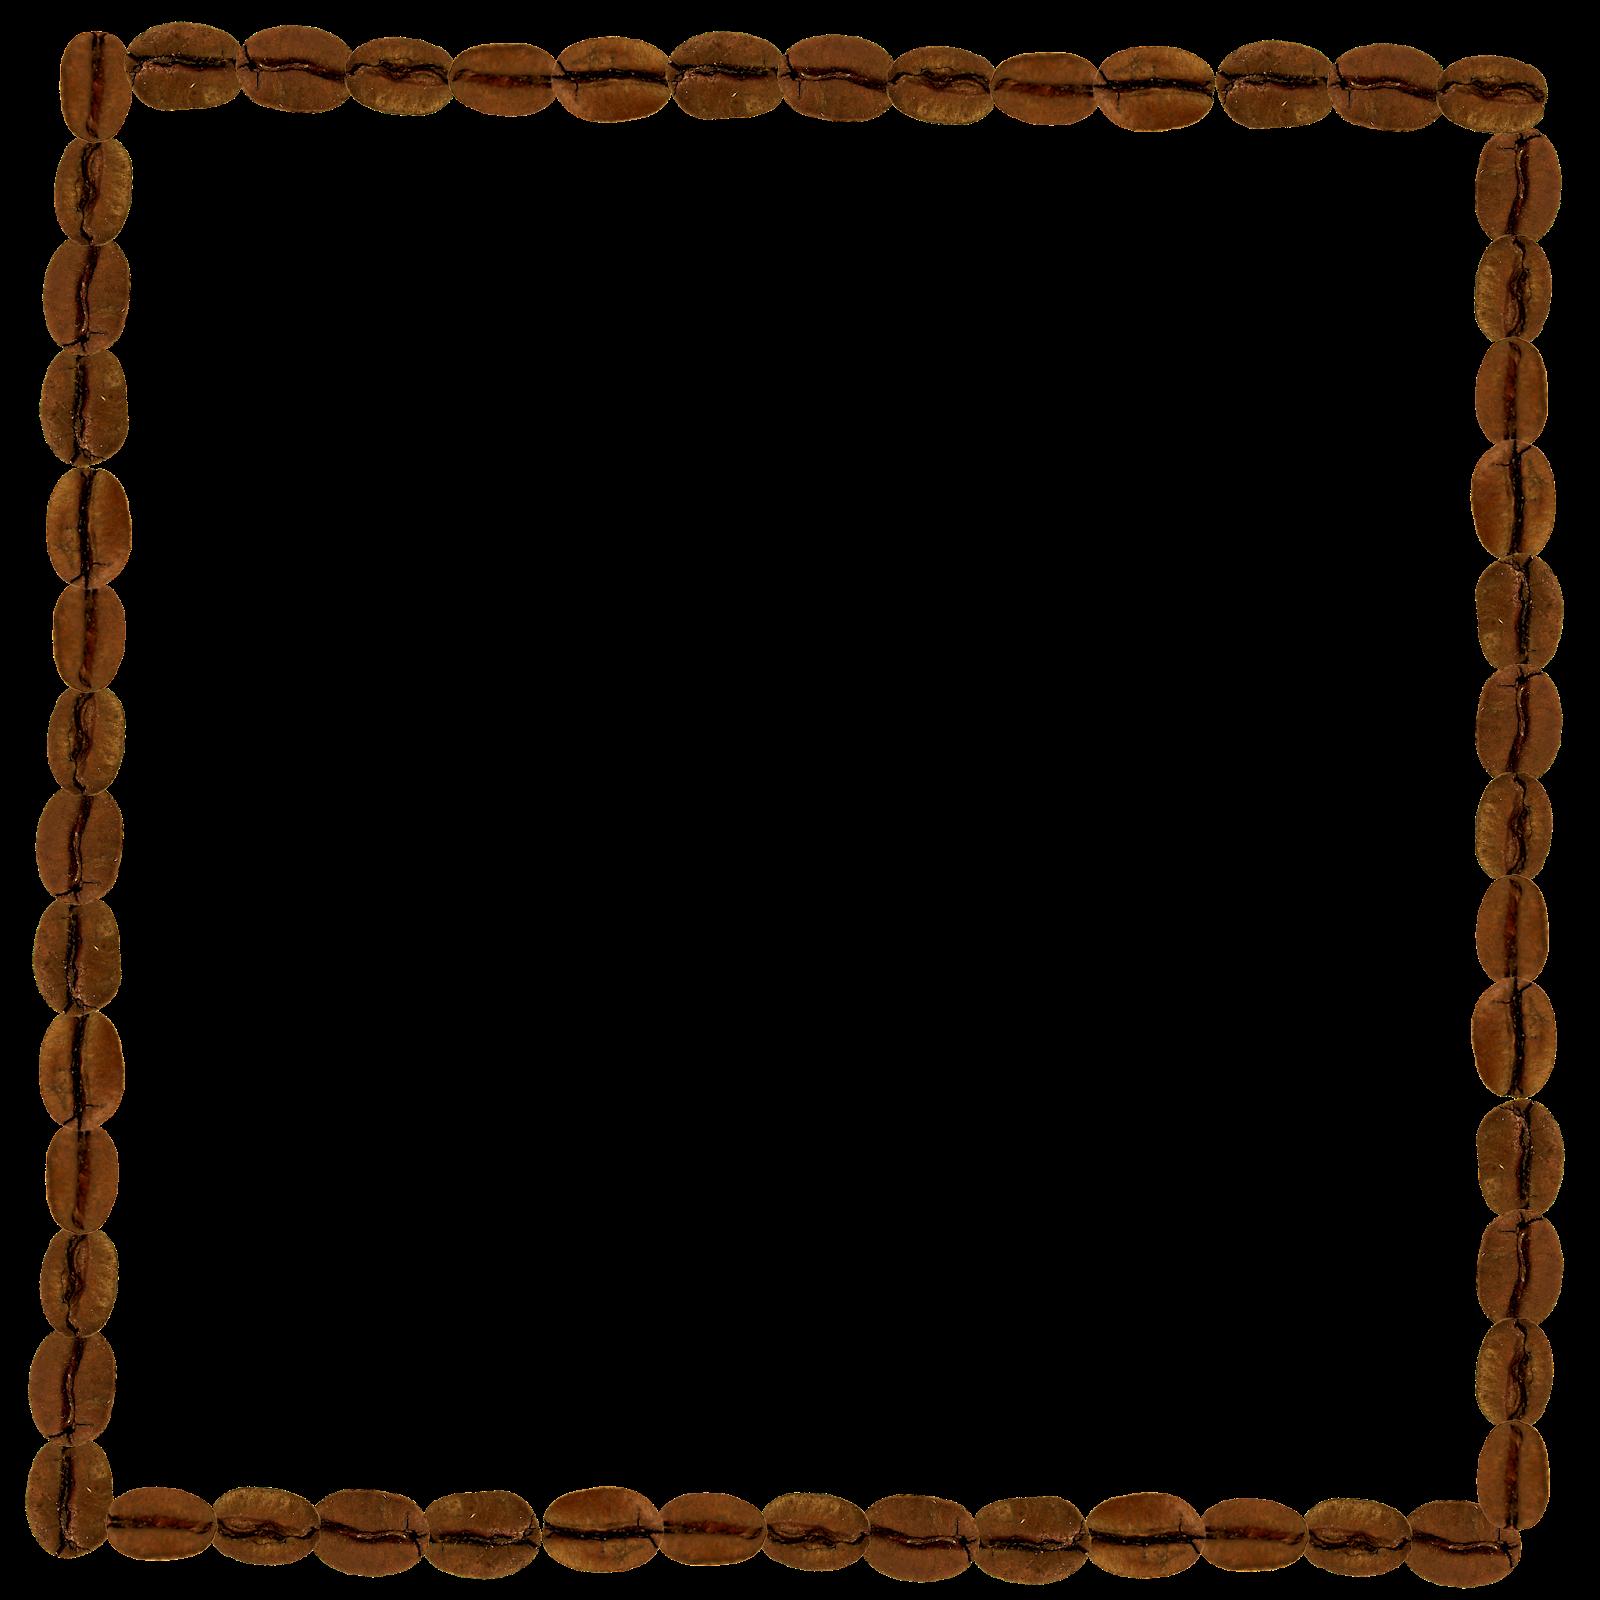 картинка шоколадная рамка